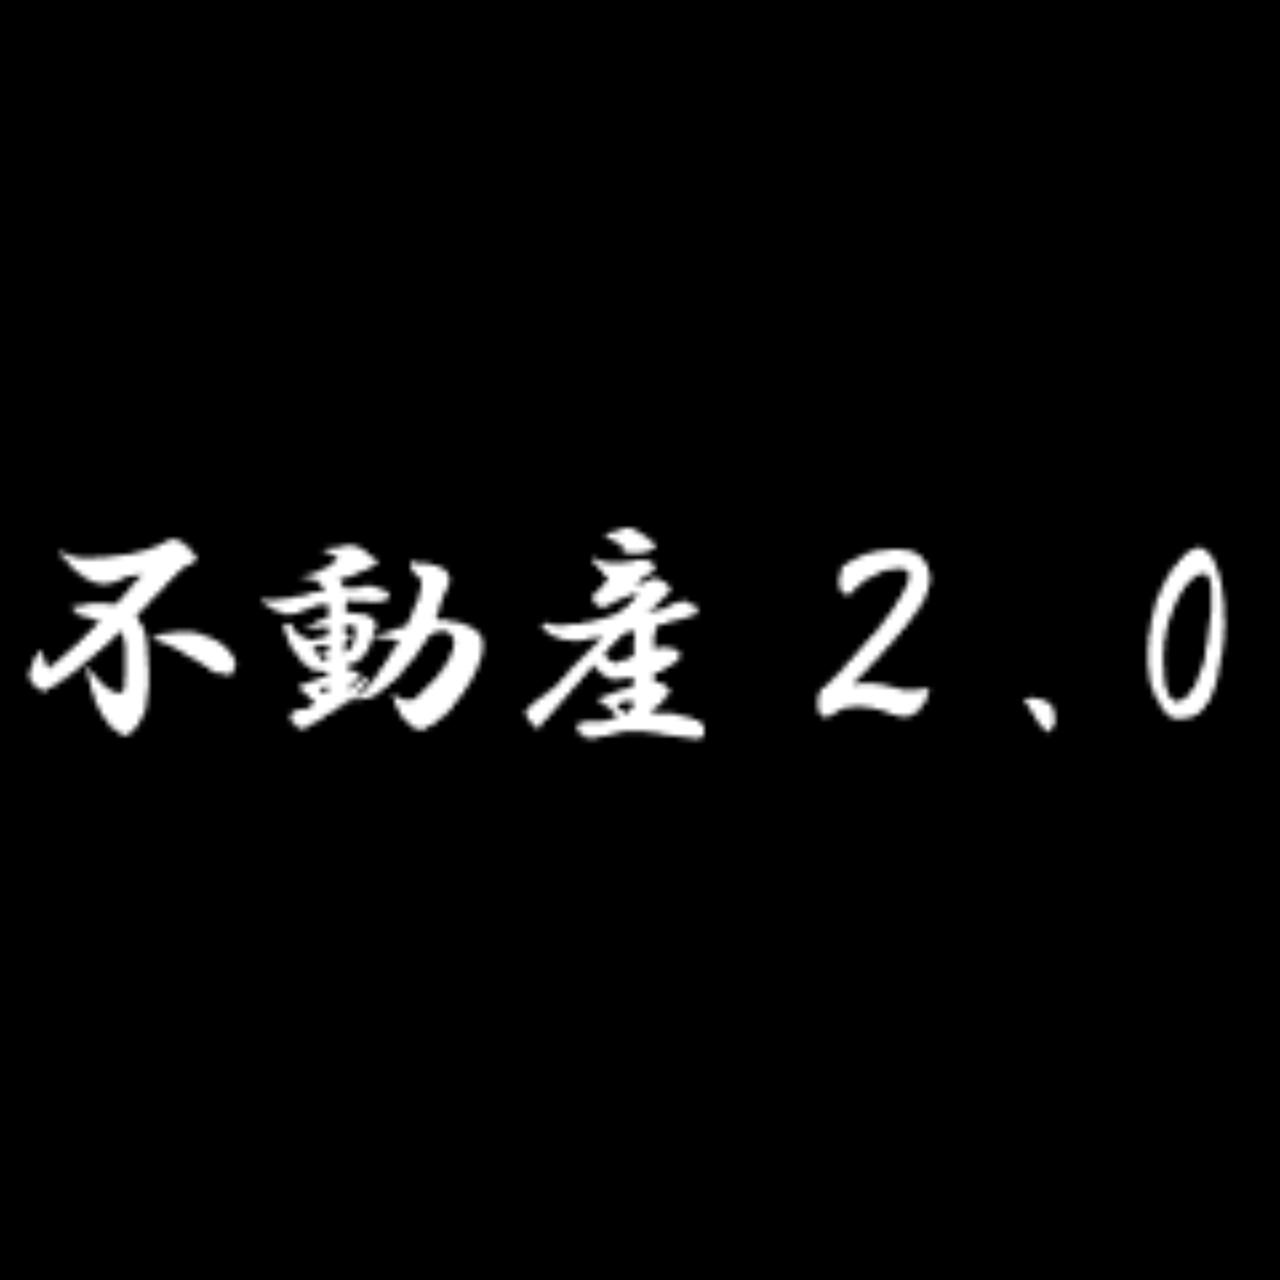 仲介手数料も無料になる日本で唯一の不動産業のシェアリングエコノミー 不動産2.0